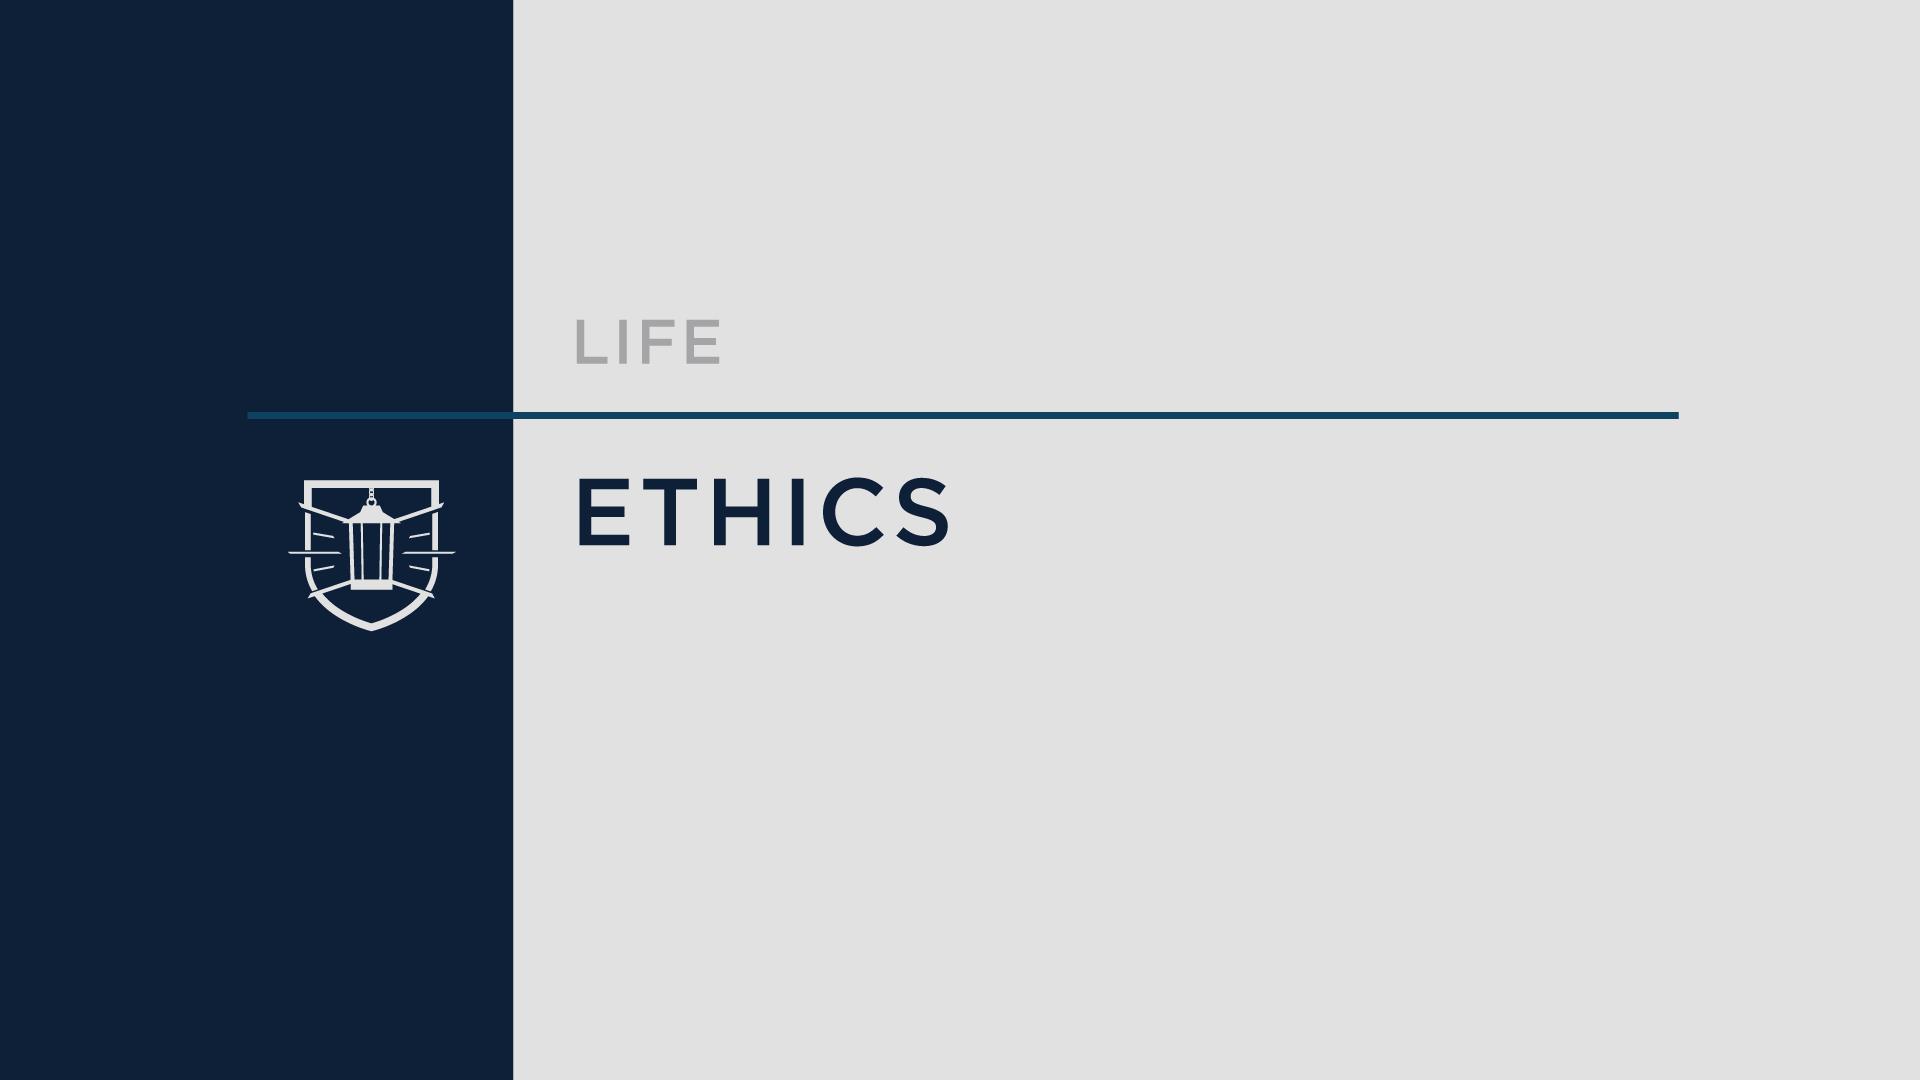 Life 4: Ethics